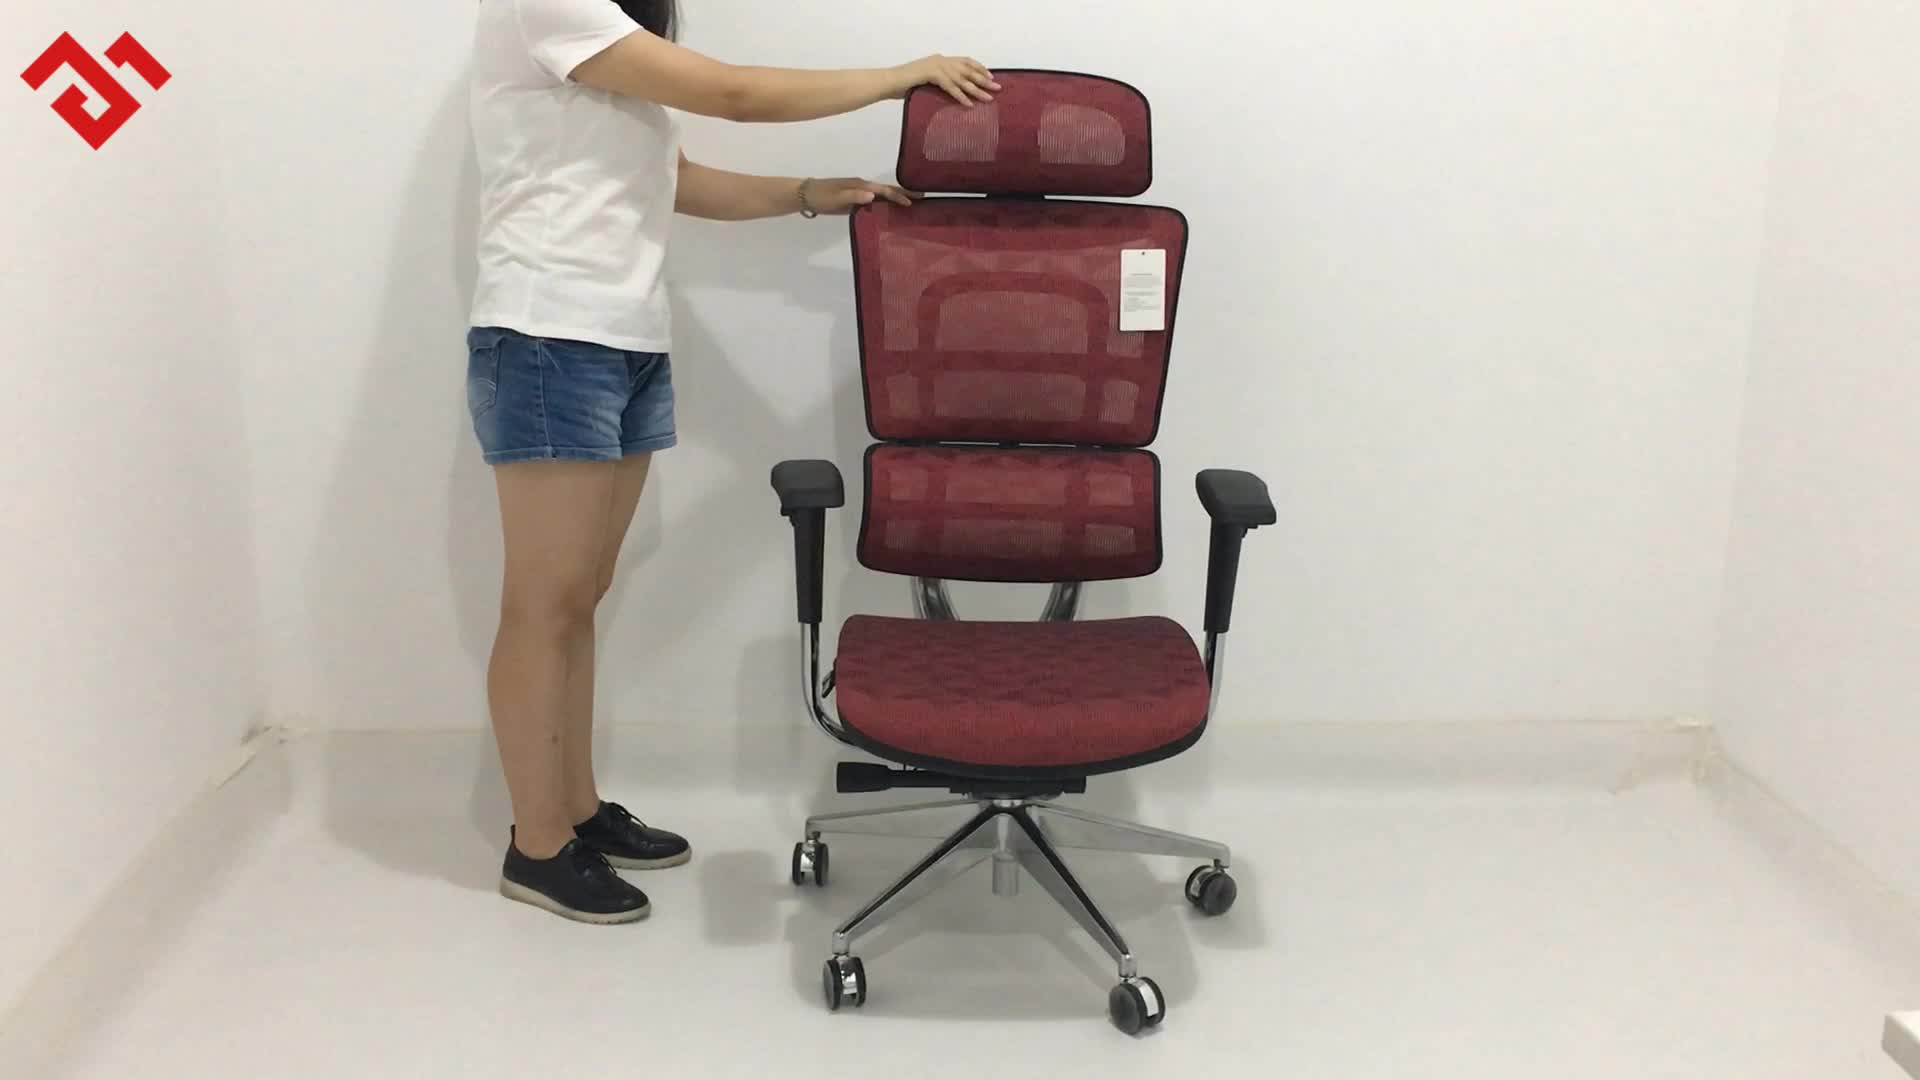 Chaise de bureau ergonomique | Maille, réglable à haut dossier, haute qualité, personnalisée, meilleure chaise de bureau ergonomique